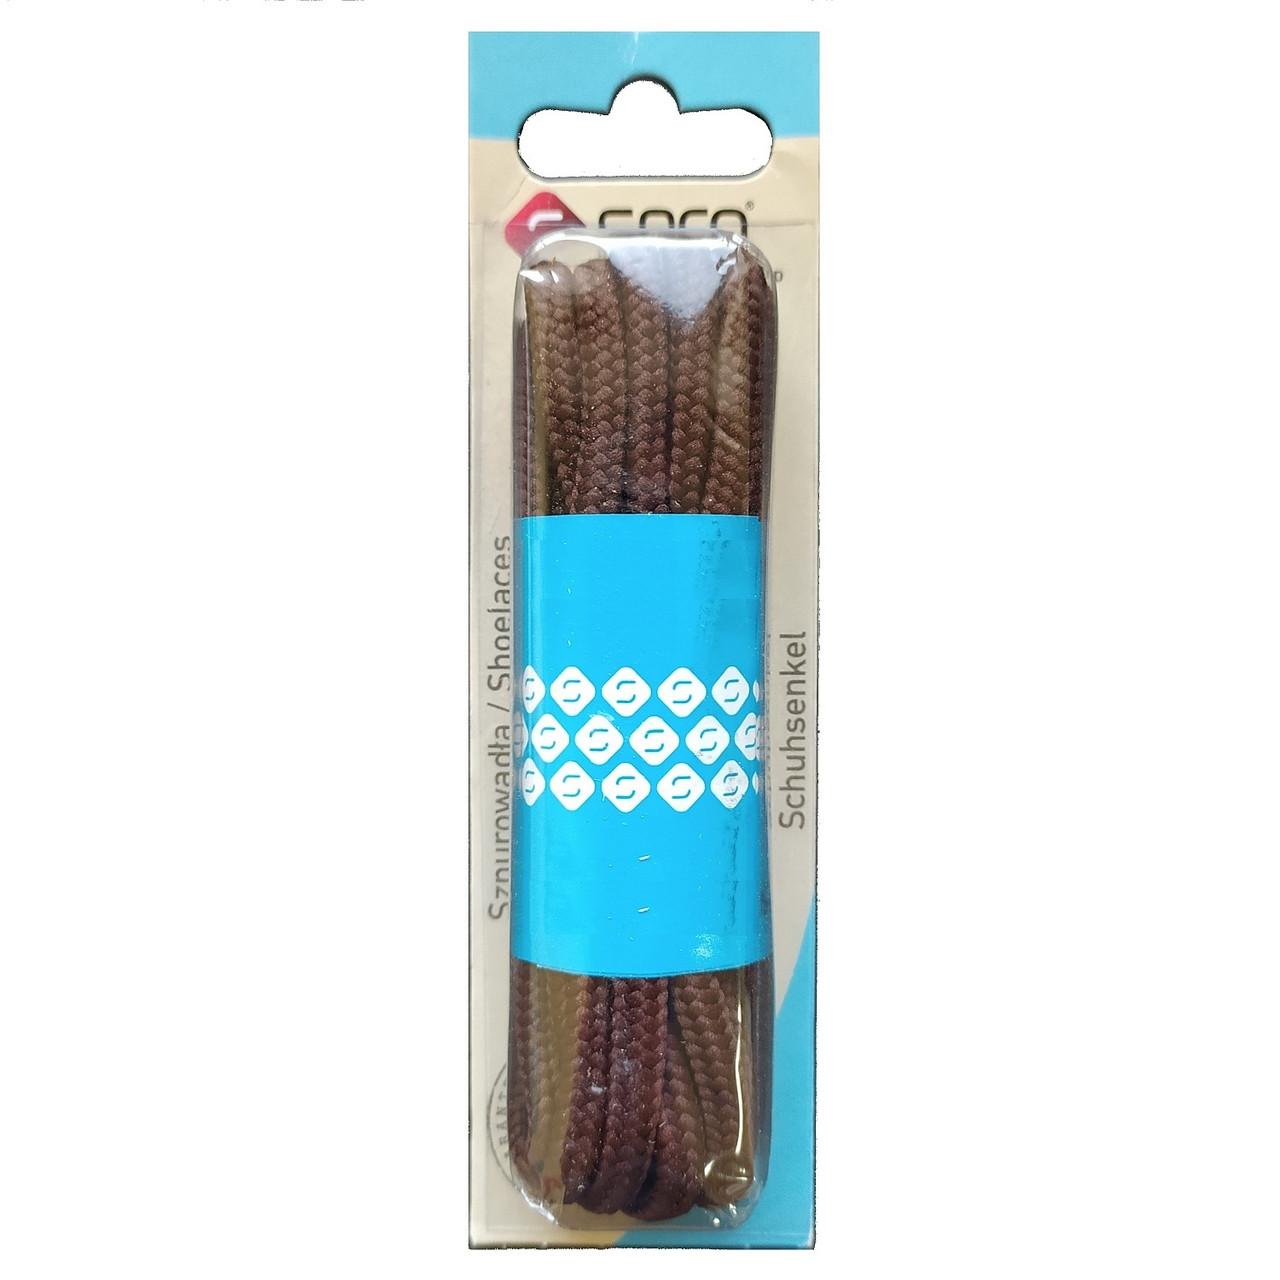 Seco шнурки / круглые / коричневые 75 см